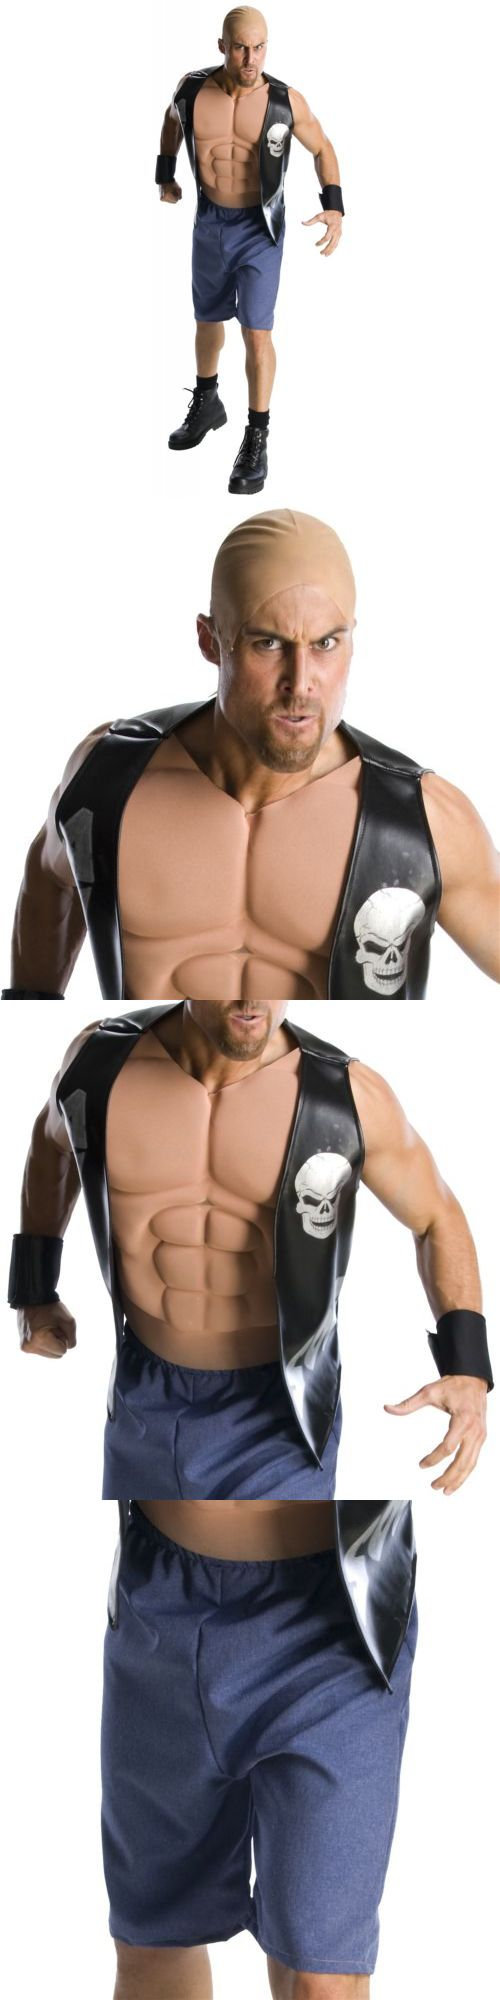 Men 52762: Stone Cold Steve Austin Costume Wwe Halloween Fancy Dress -> BUY IT NOW ONLY: $47.79 on eBay!